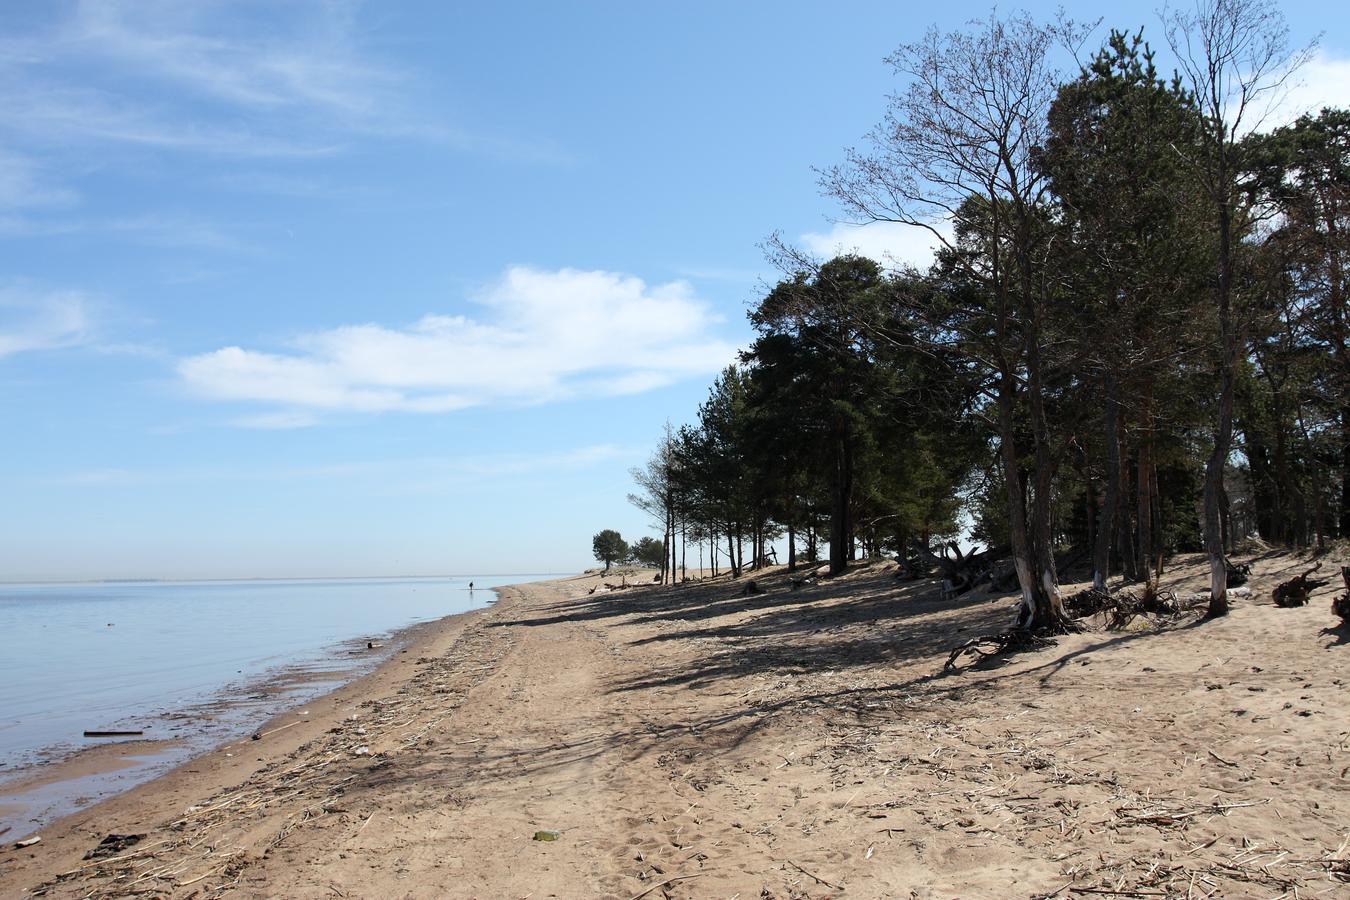 Нудистский пляж санкт-петербурга фото